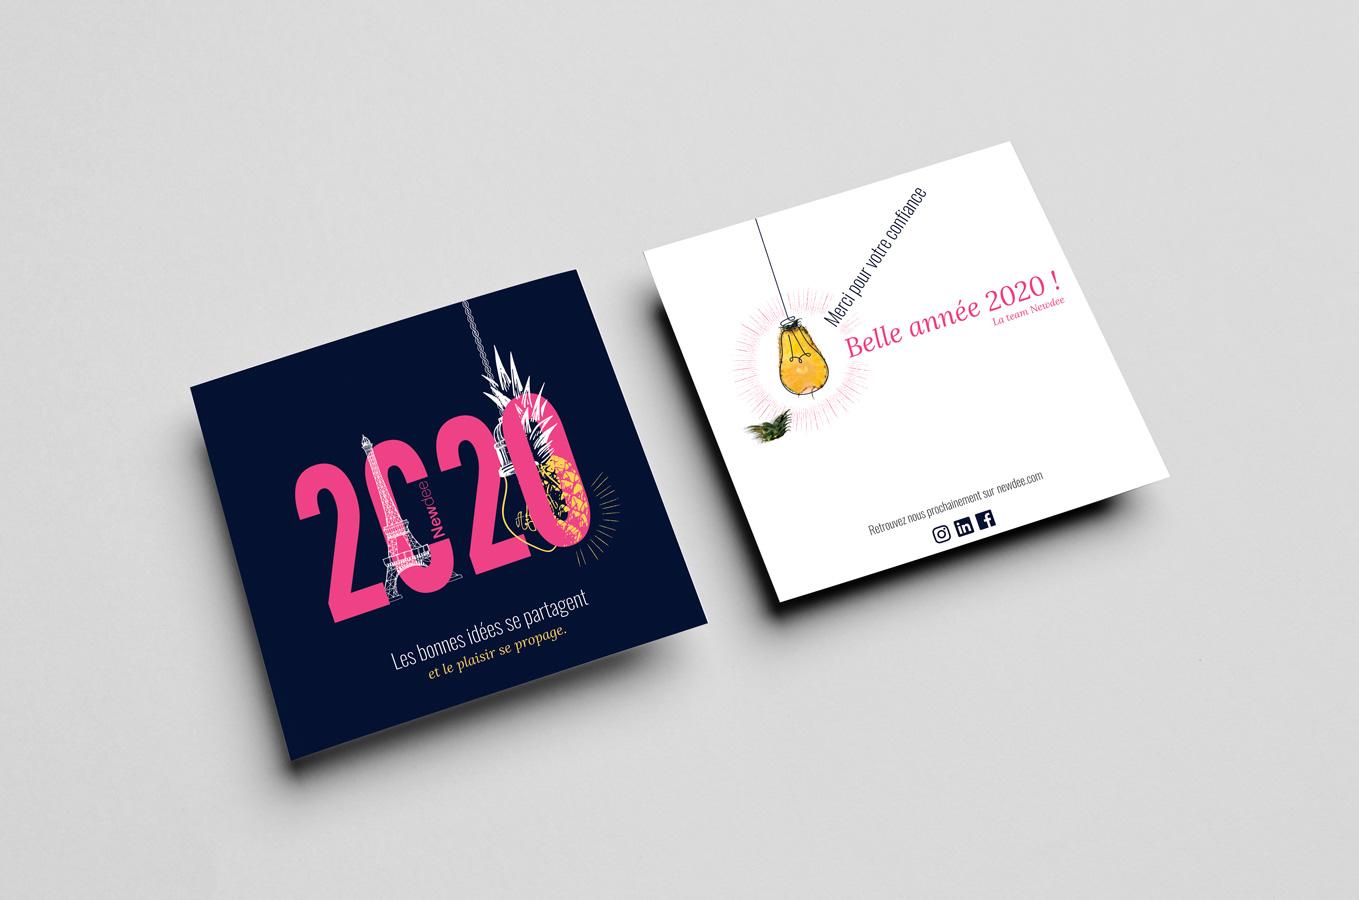 Carte de voeux 2020 de Newdee designé par MADMINT